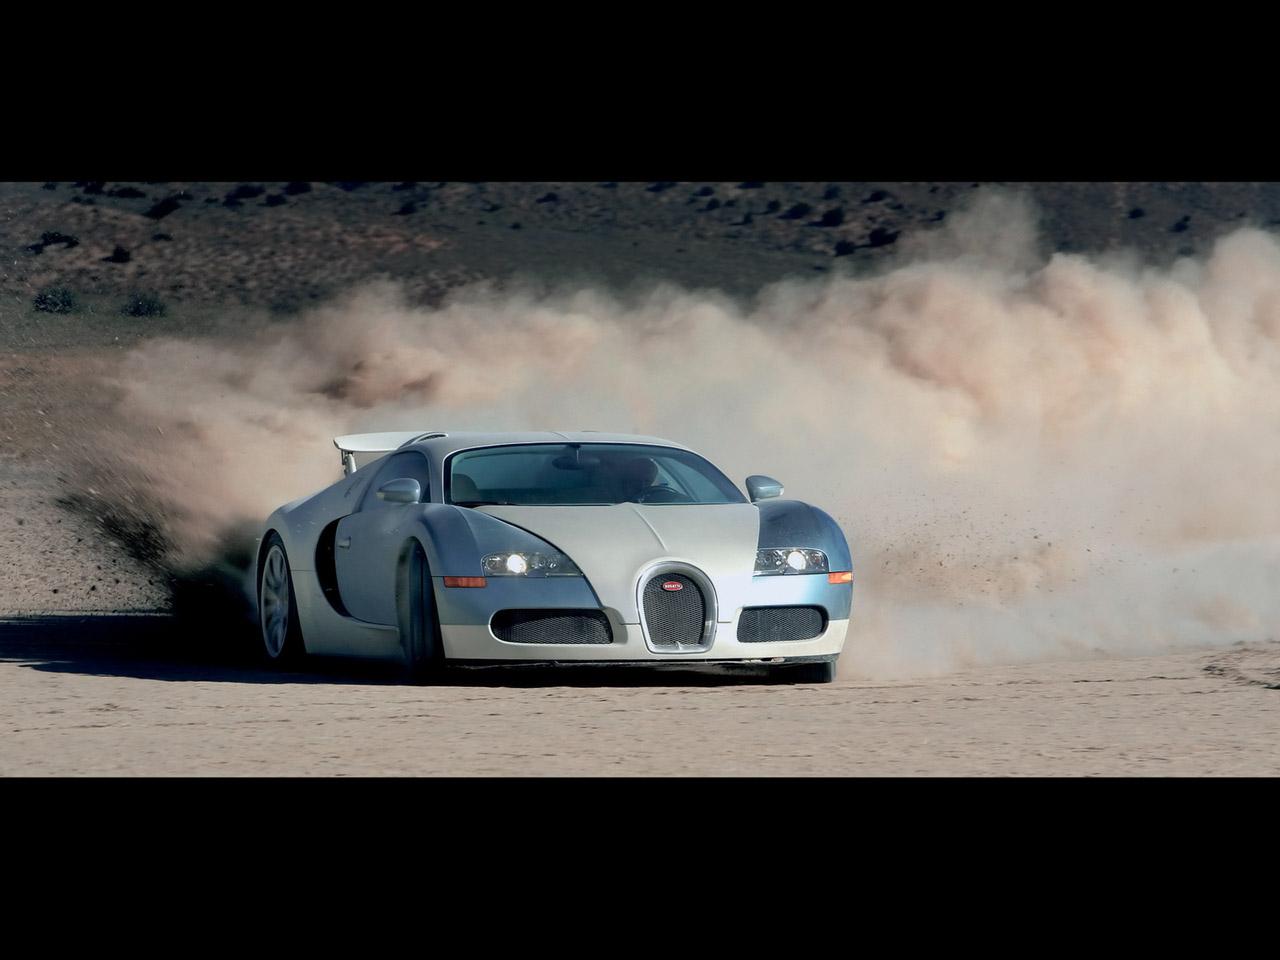 http://3.bp.blogspot.com/-18P8kXIfP18/TjFETHy3jnI/AAAAAAAACPQ/V69lynBGvKM/s1600/Bugatti%25252B6.jpg